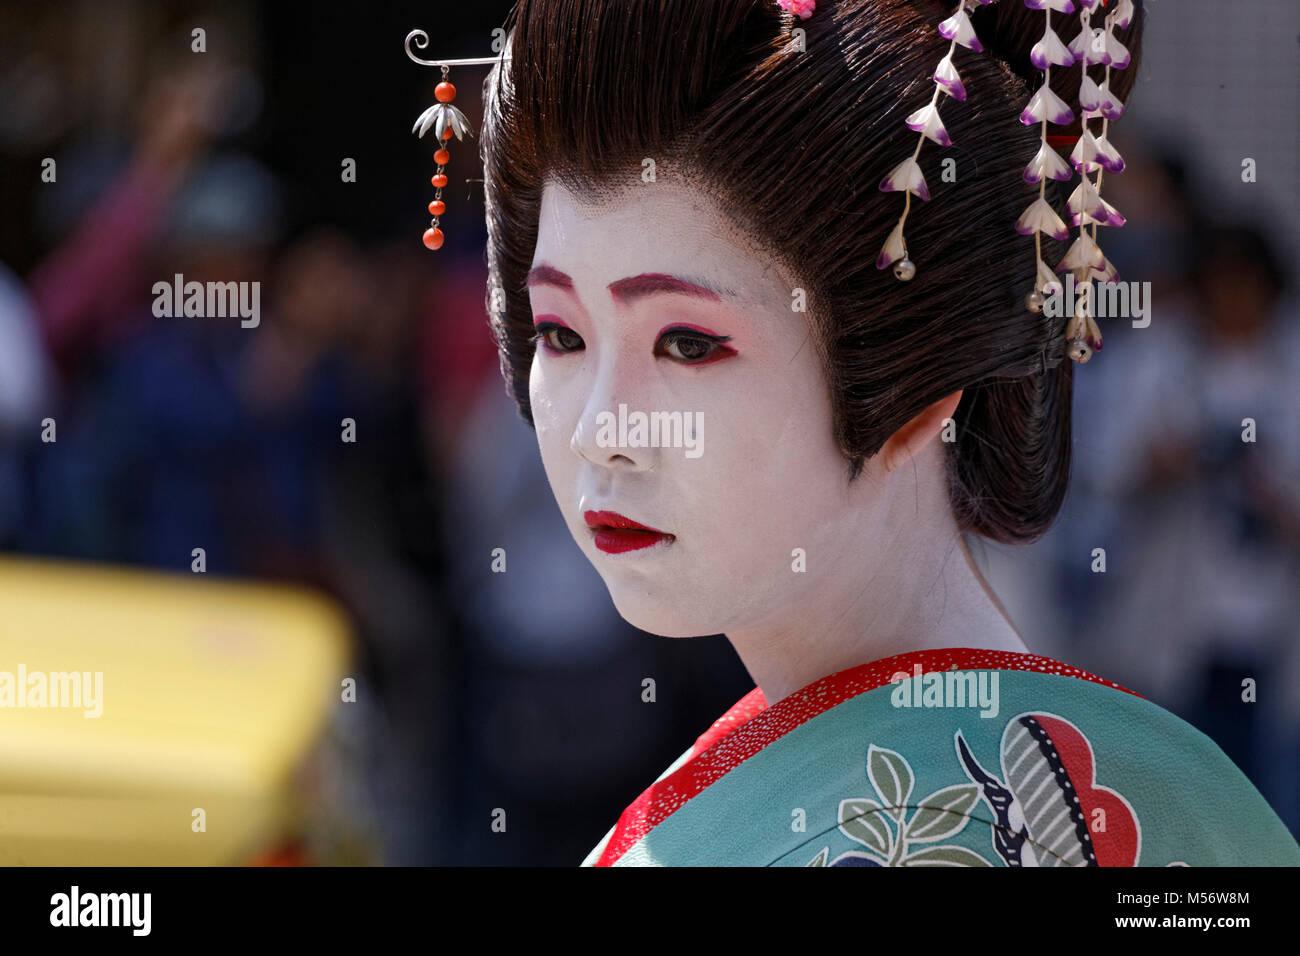 Le Daigyoretsu pendant la Sanja Matsuri festival, Tokyo, Japon. Photo Stock